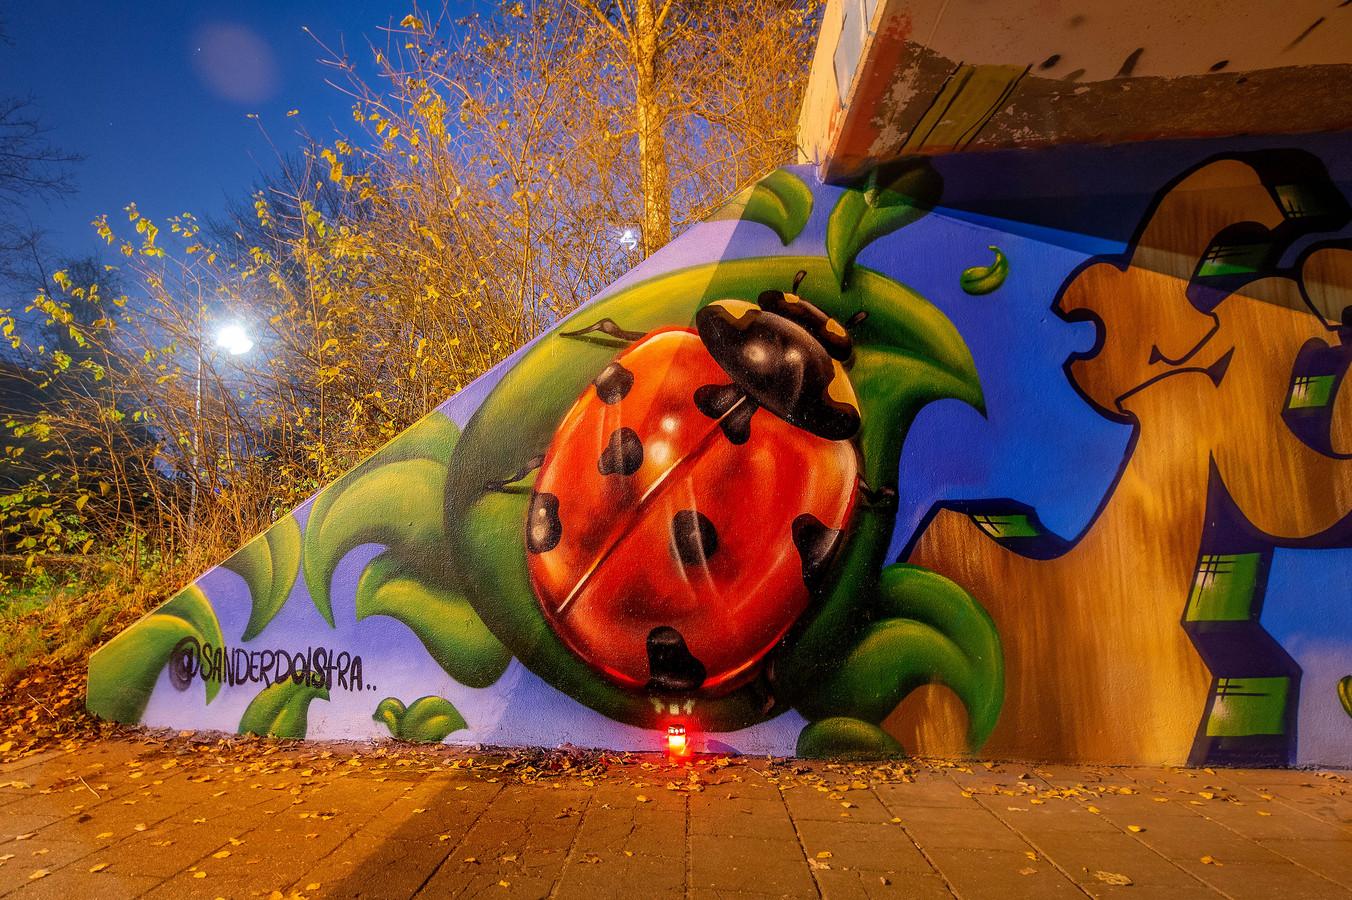 Muurschildering in Wijchen ter nagedachtenis aan Sebastiaan Theloosen. Zijn dood is voor een groep Wijchenaren aanleiding om in verzet te komen tegen agressie op straat.